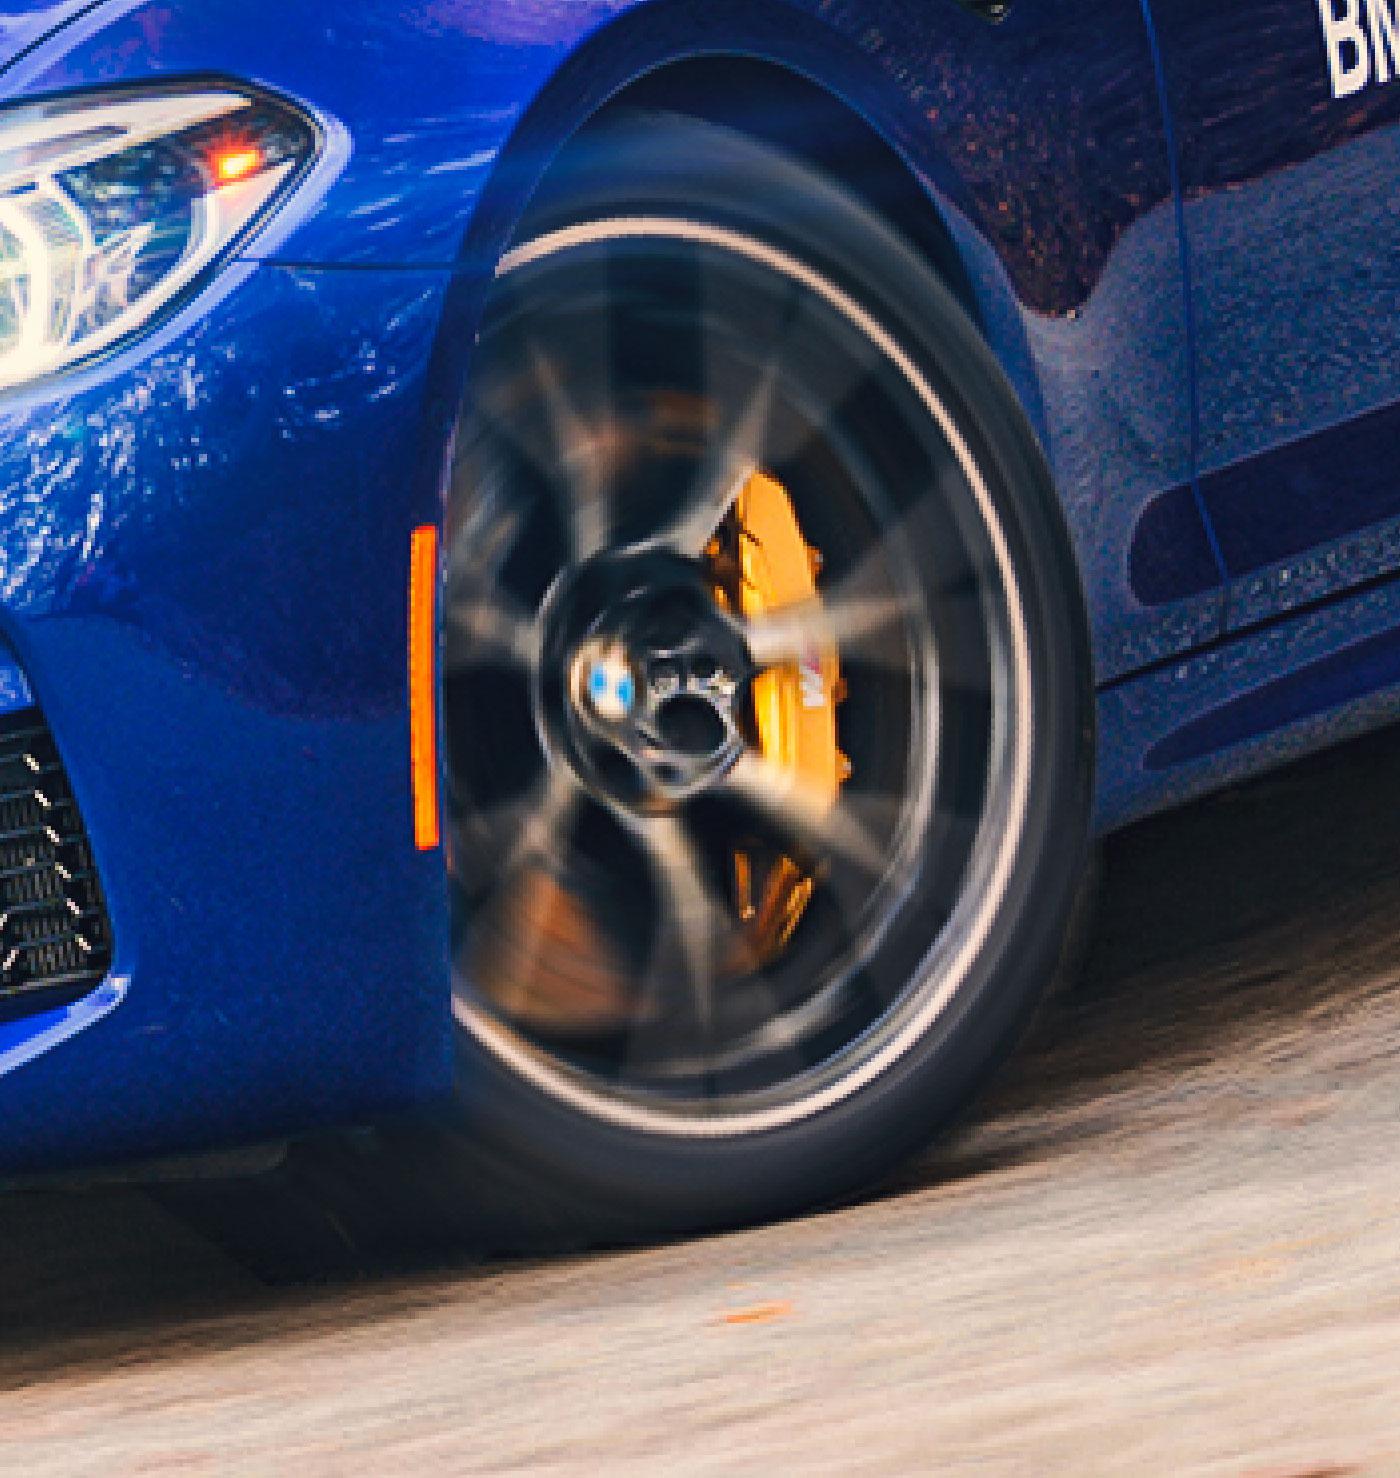 BMW M5 wheel